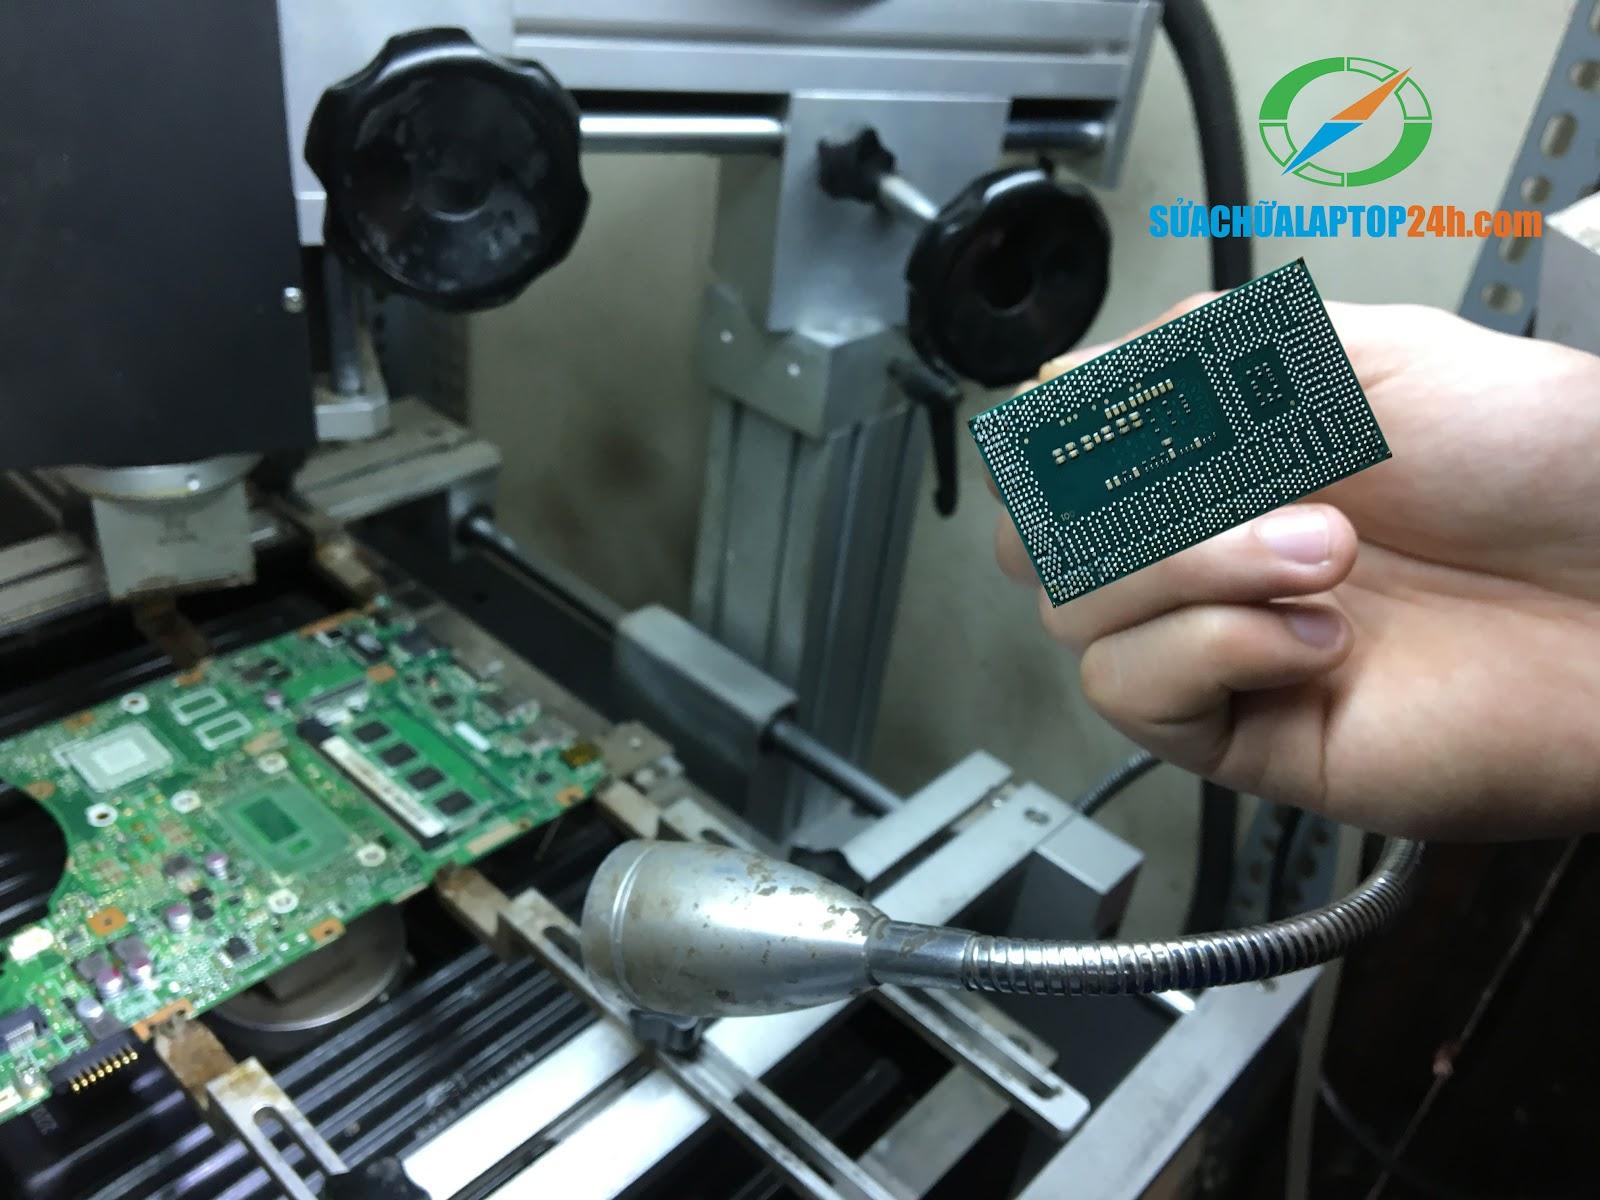 sua-mainboard-laptop-1